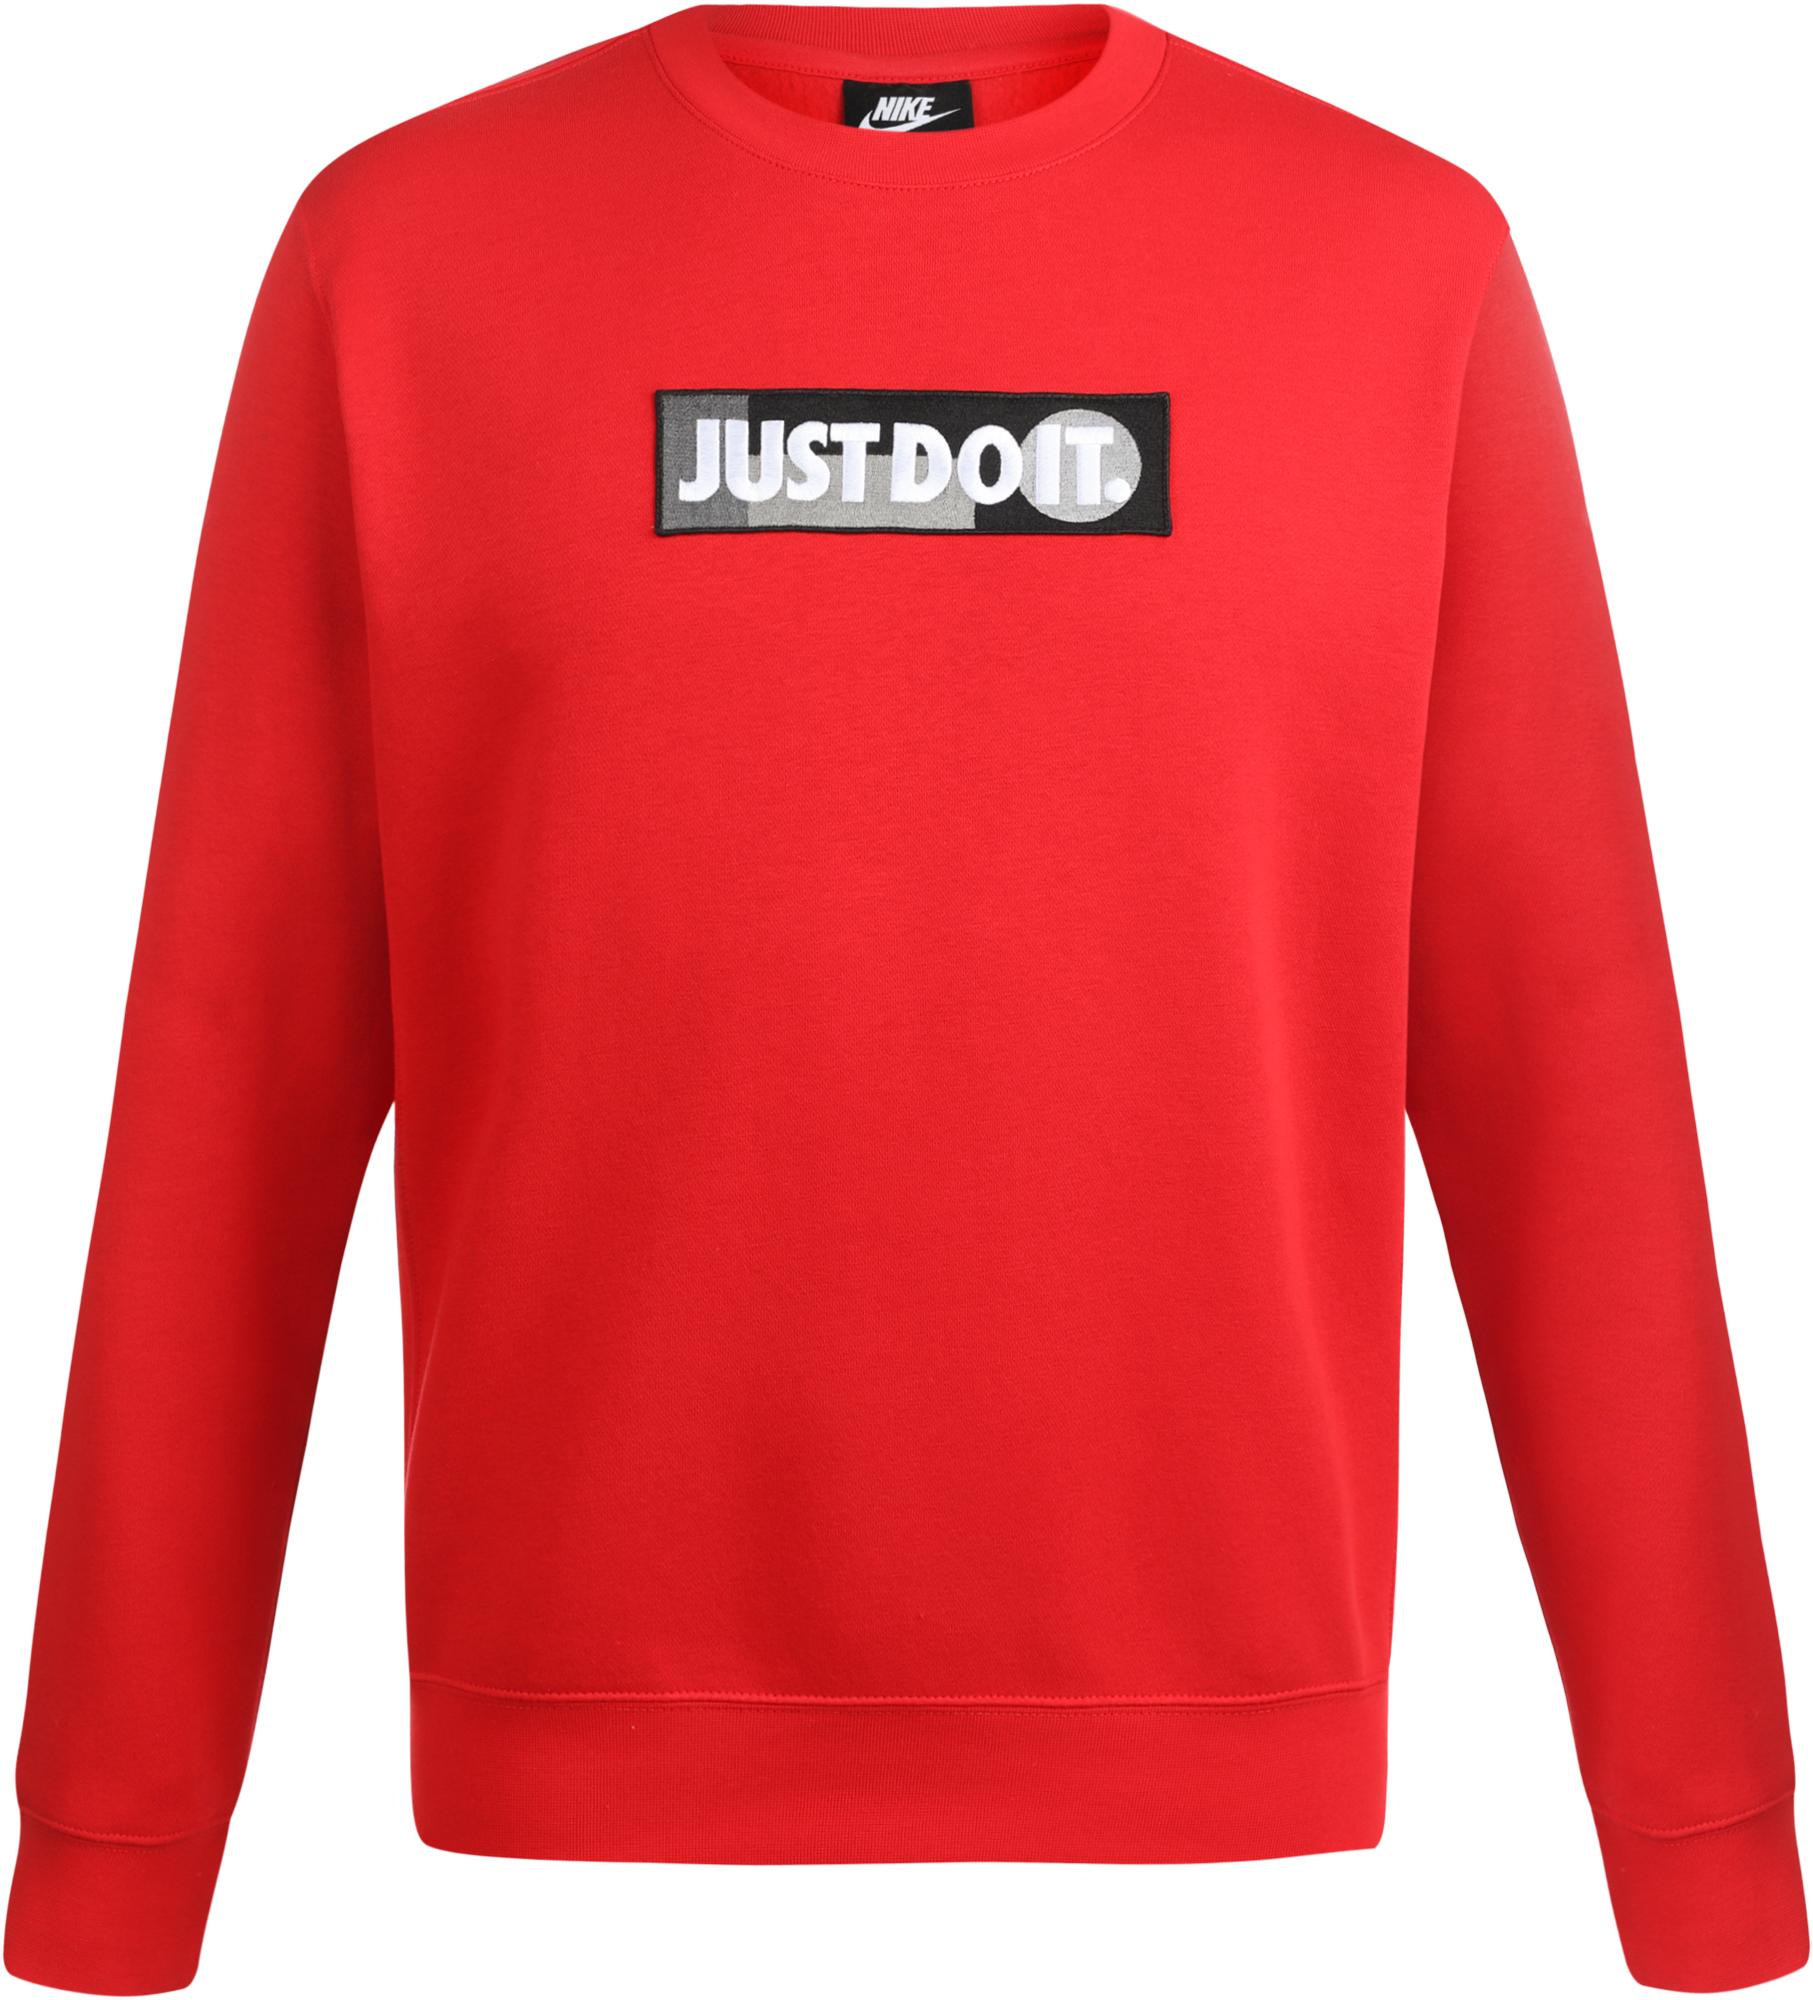 Фото - Nike Свитшот мужской Nike Sportswear Just Do It, размер 52-54 nike свитшот мужской nike sportswear just do it размер 52 54